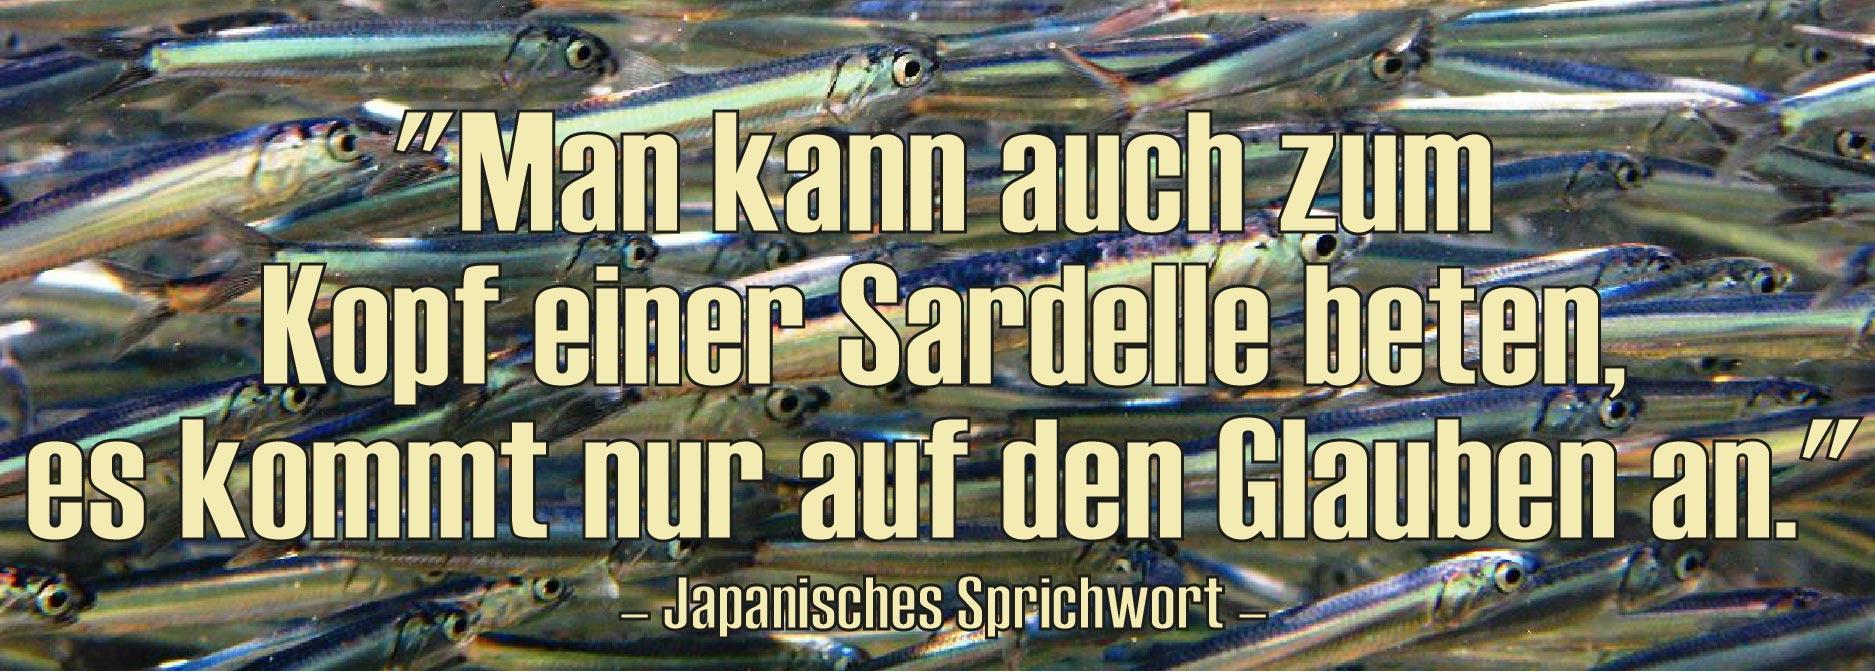 http://www.kritisches-netzwerk.de/sites/default/files/u17/Sardellen_Sardelle_Anchovy_anchois_Anchovies_Acciughe_Beten_Glauben_Religion_Religionskritik_Engraulidae_Kritisches_Netzwerk_Japanische_Sprichwoerter_Kurt_Tucholsky_Lourdes.jpg